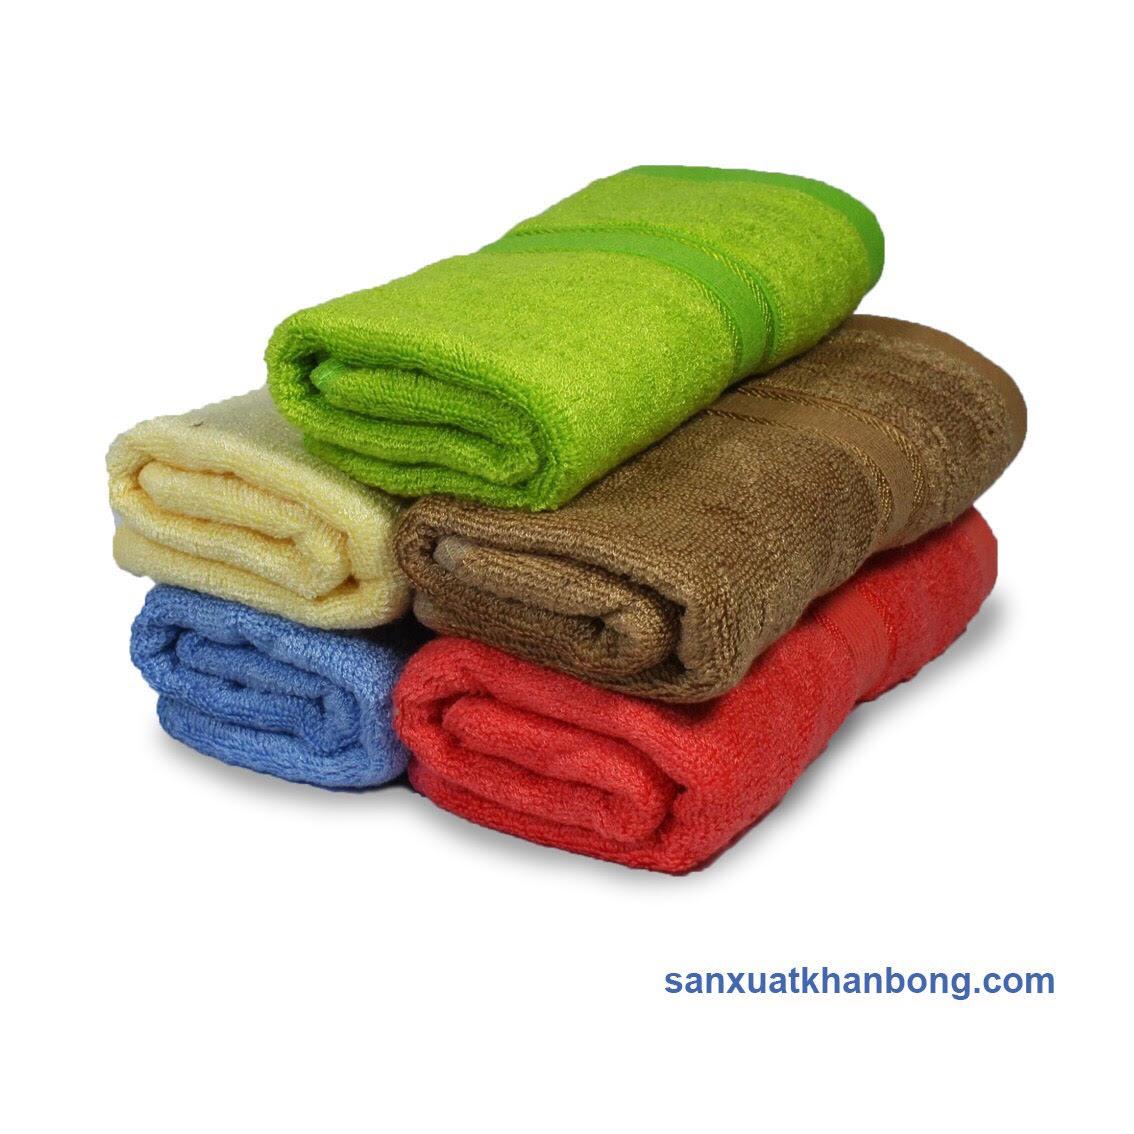 Nên mua khăn tắm ở đâu?